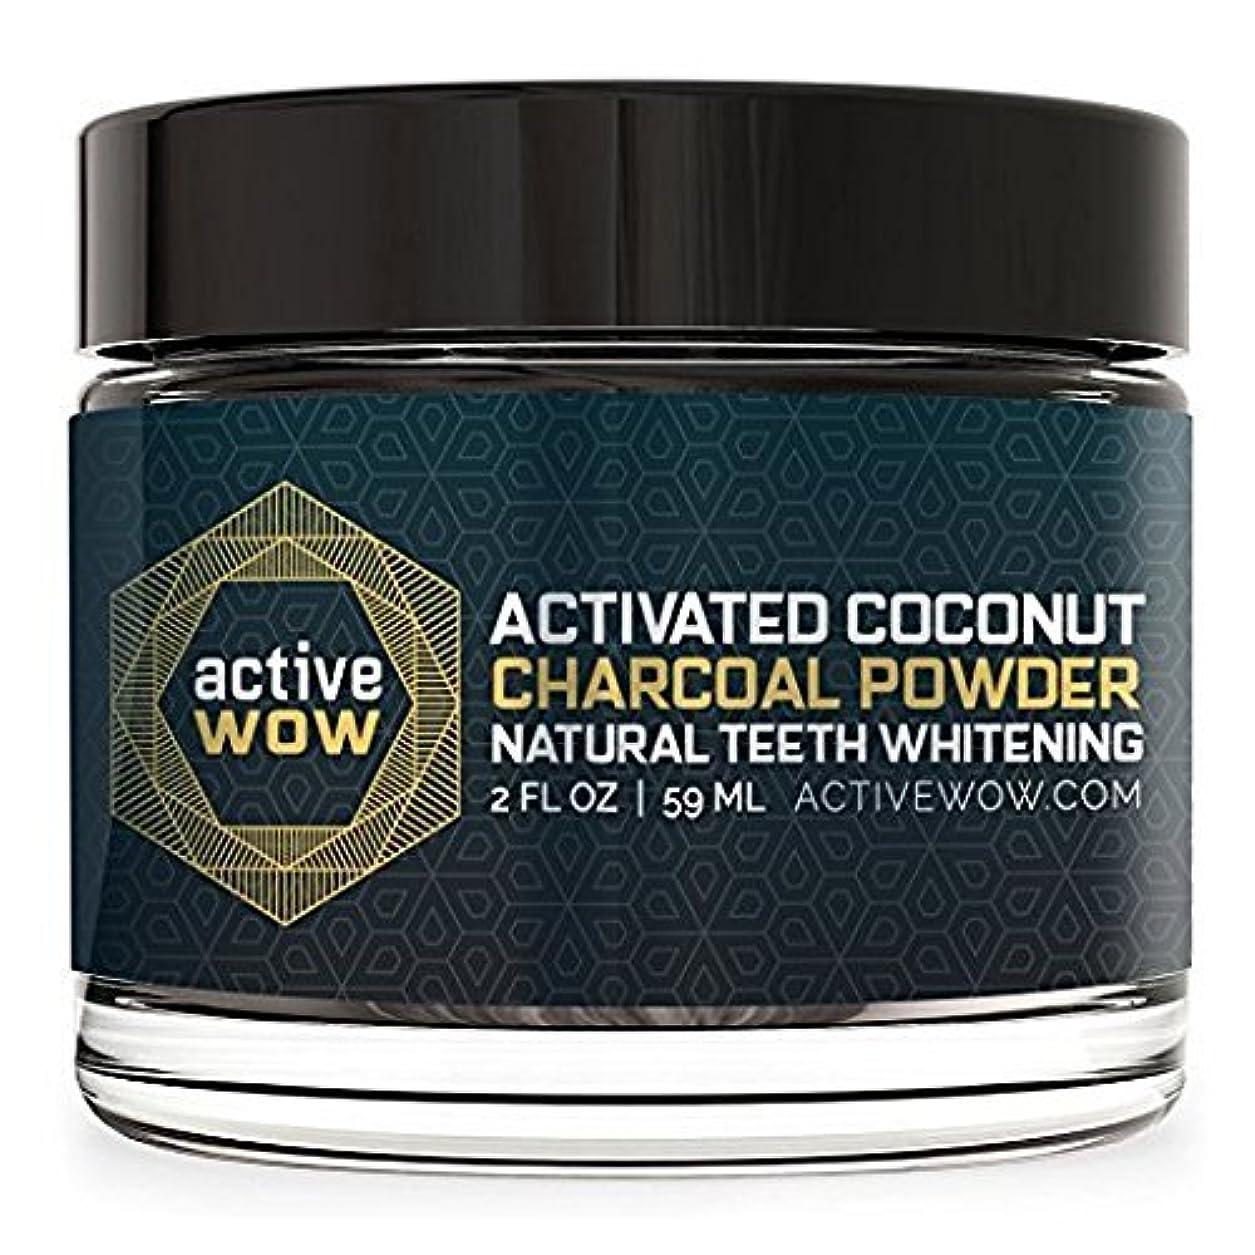 気楽な微視的リングアメリカで売れている 炭パウダー歯のホワイトニング Teeth Whitening Charcoal Powder Natural [並行輸入品]